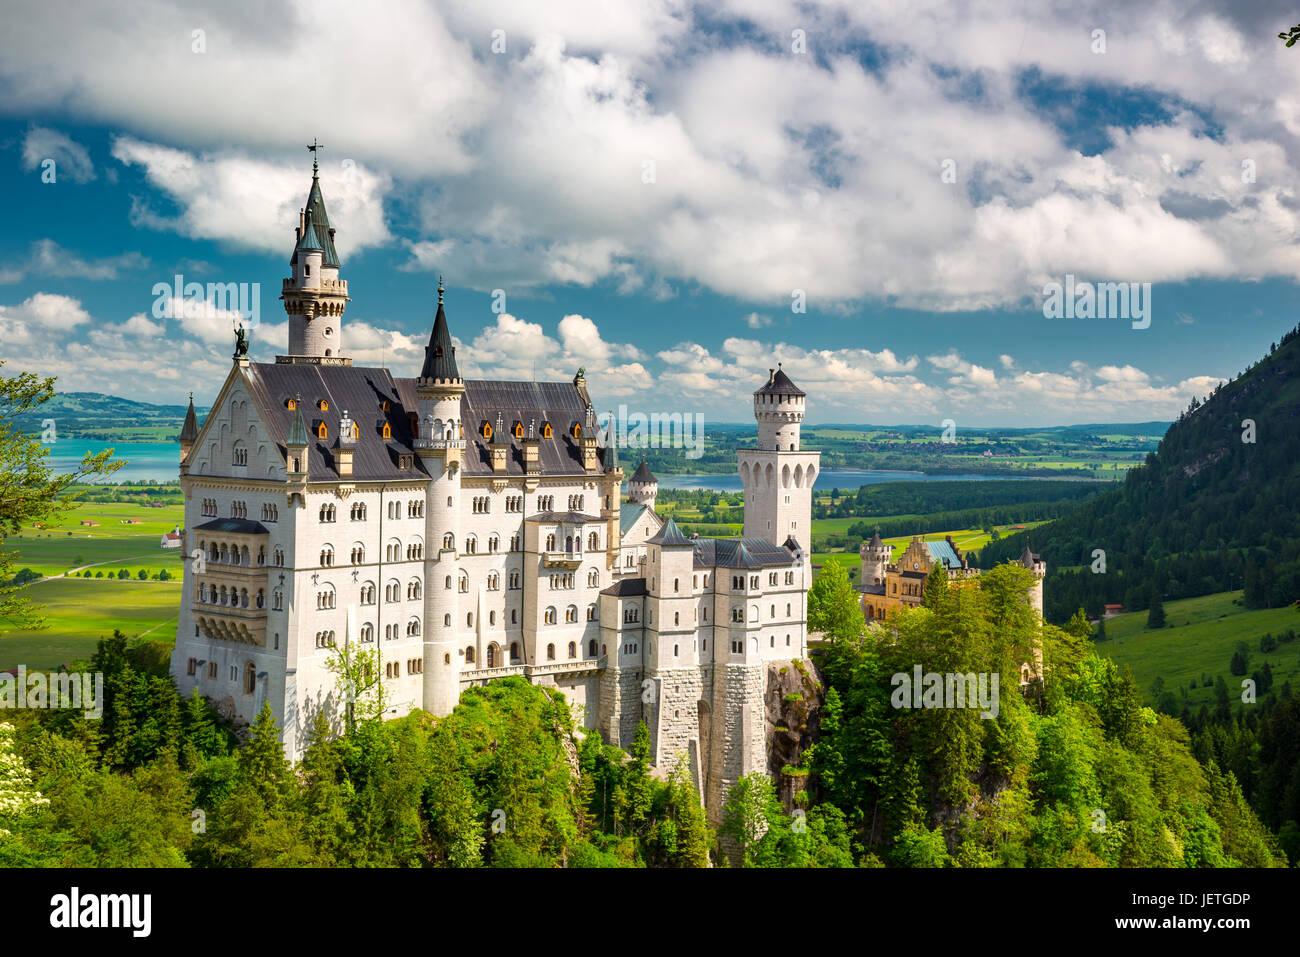 Mittelalterliche Schloss Neuschwanstein. Um den blauen Himmel und die Alpen. Schöne Aussicht auf die Burg. Stockbild